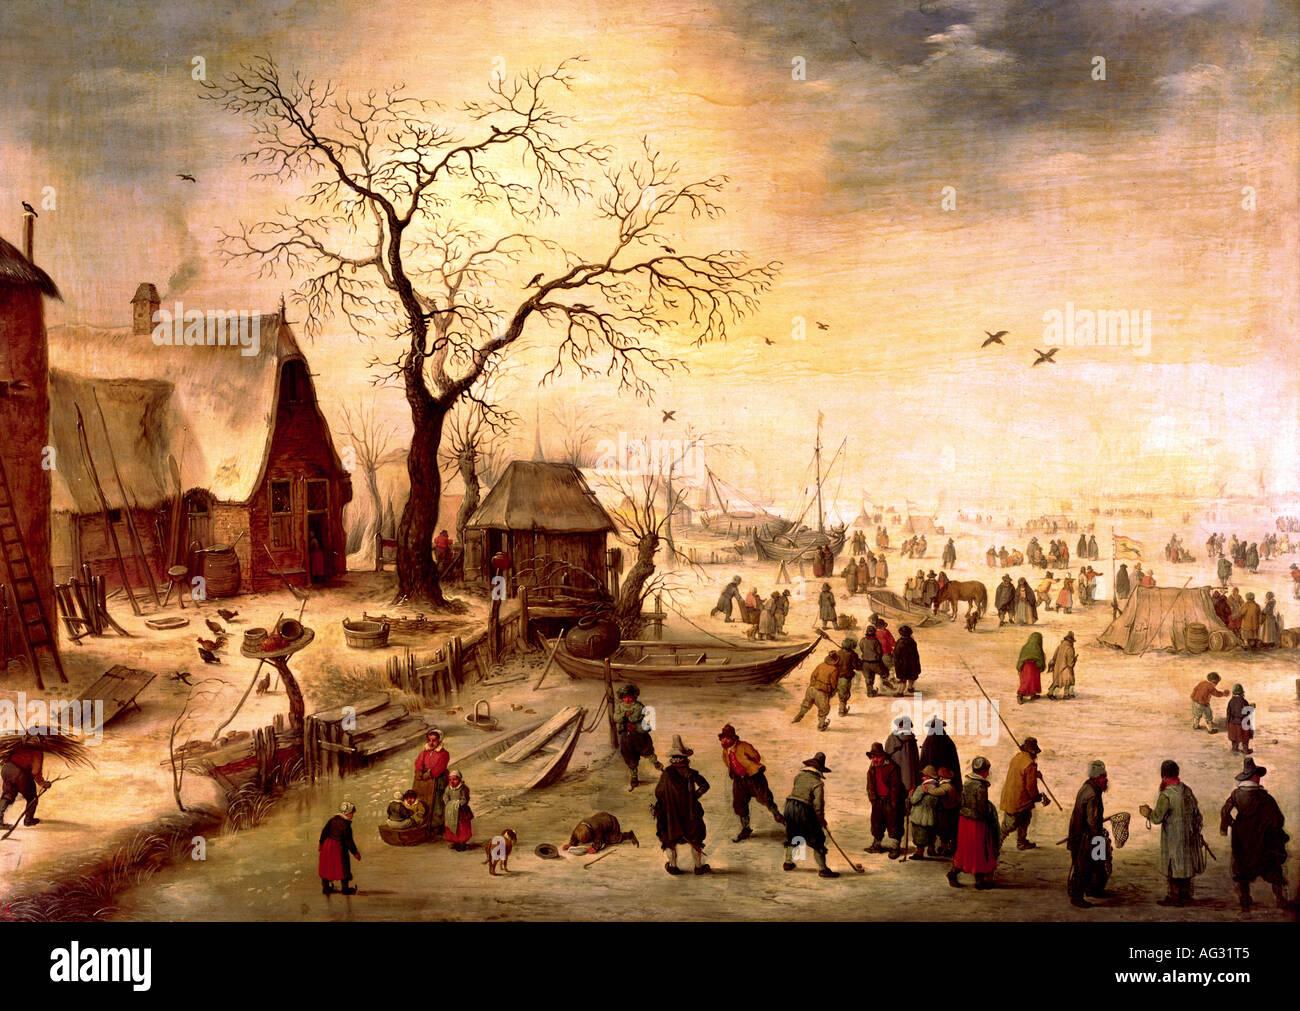 """Bildende Kunst, Pieter Snayers (ca. 1592 - ca. 1666), Malerei, 'Winter', 17. Jahrhundert, 61 cm x 85,5 cm, Hessisches Landesmuseum, Kassel, Gemäldegalerie """"Alte Meister"""", """"Artist Copyright wurde nicht gelöscht Stockbild"""